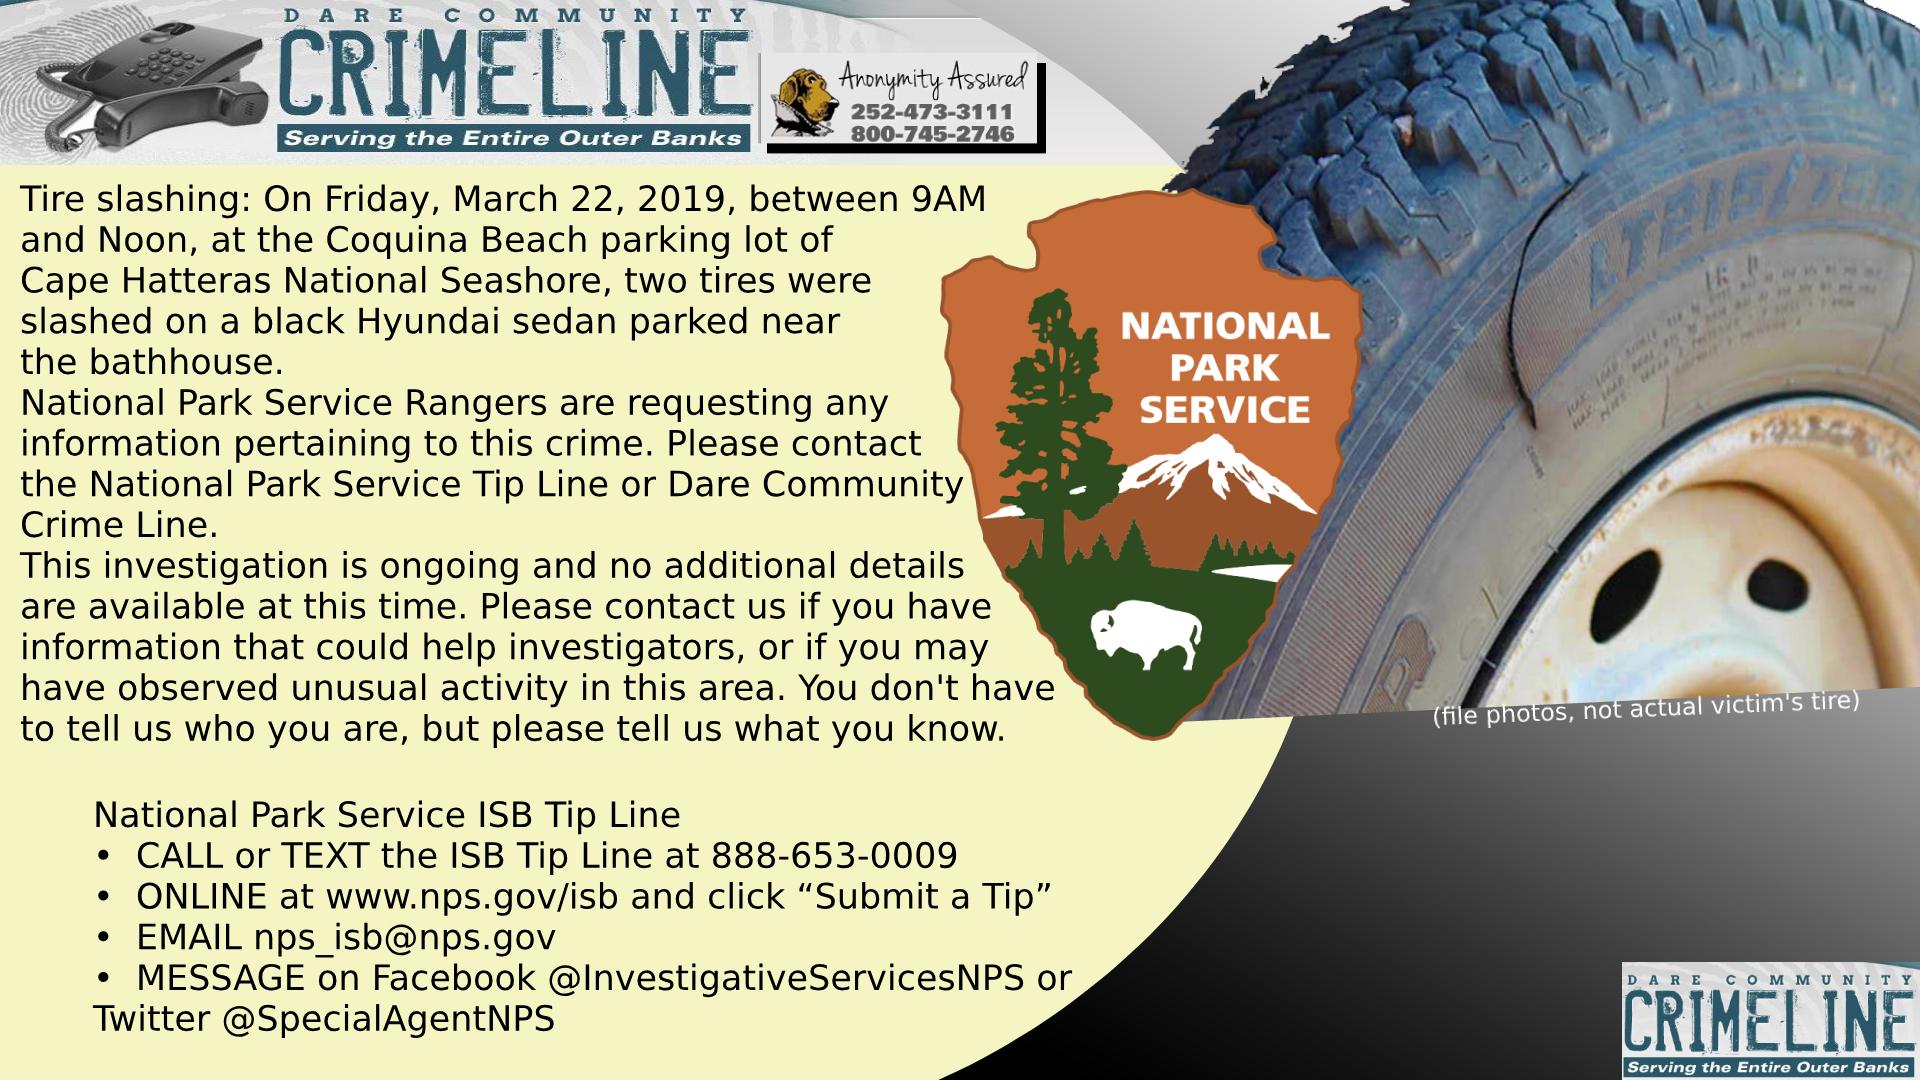 Dare Community Crime Line